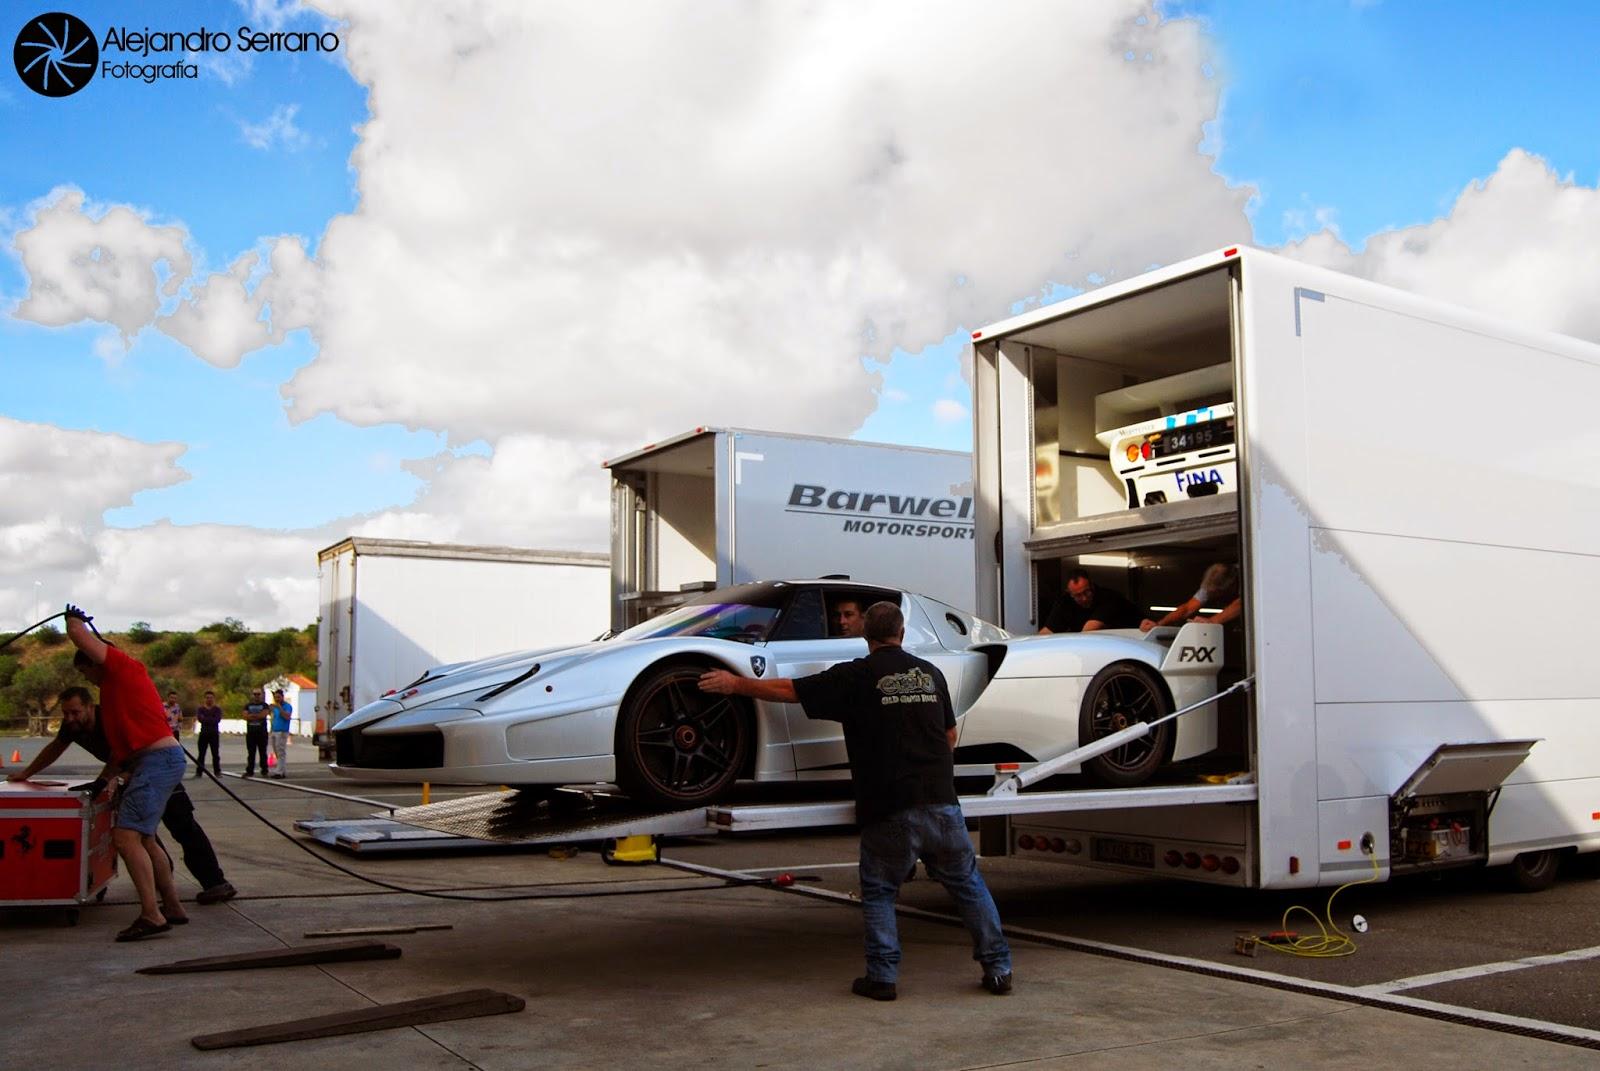 Circuito Monteblanco : Tandas circuito monteblanco 16 de noviembre de 2014 sportcarclub.com